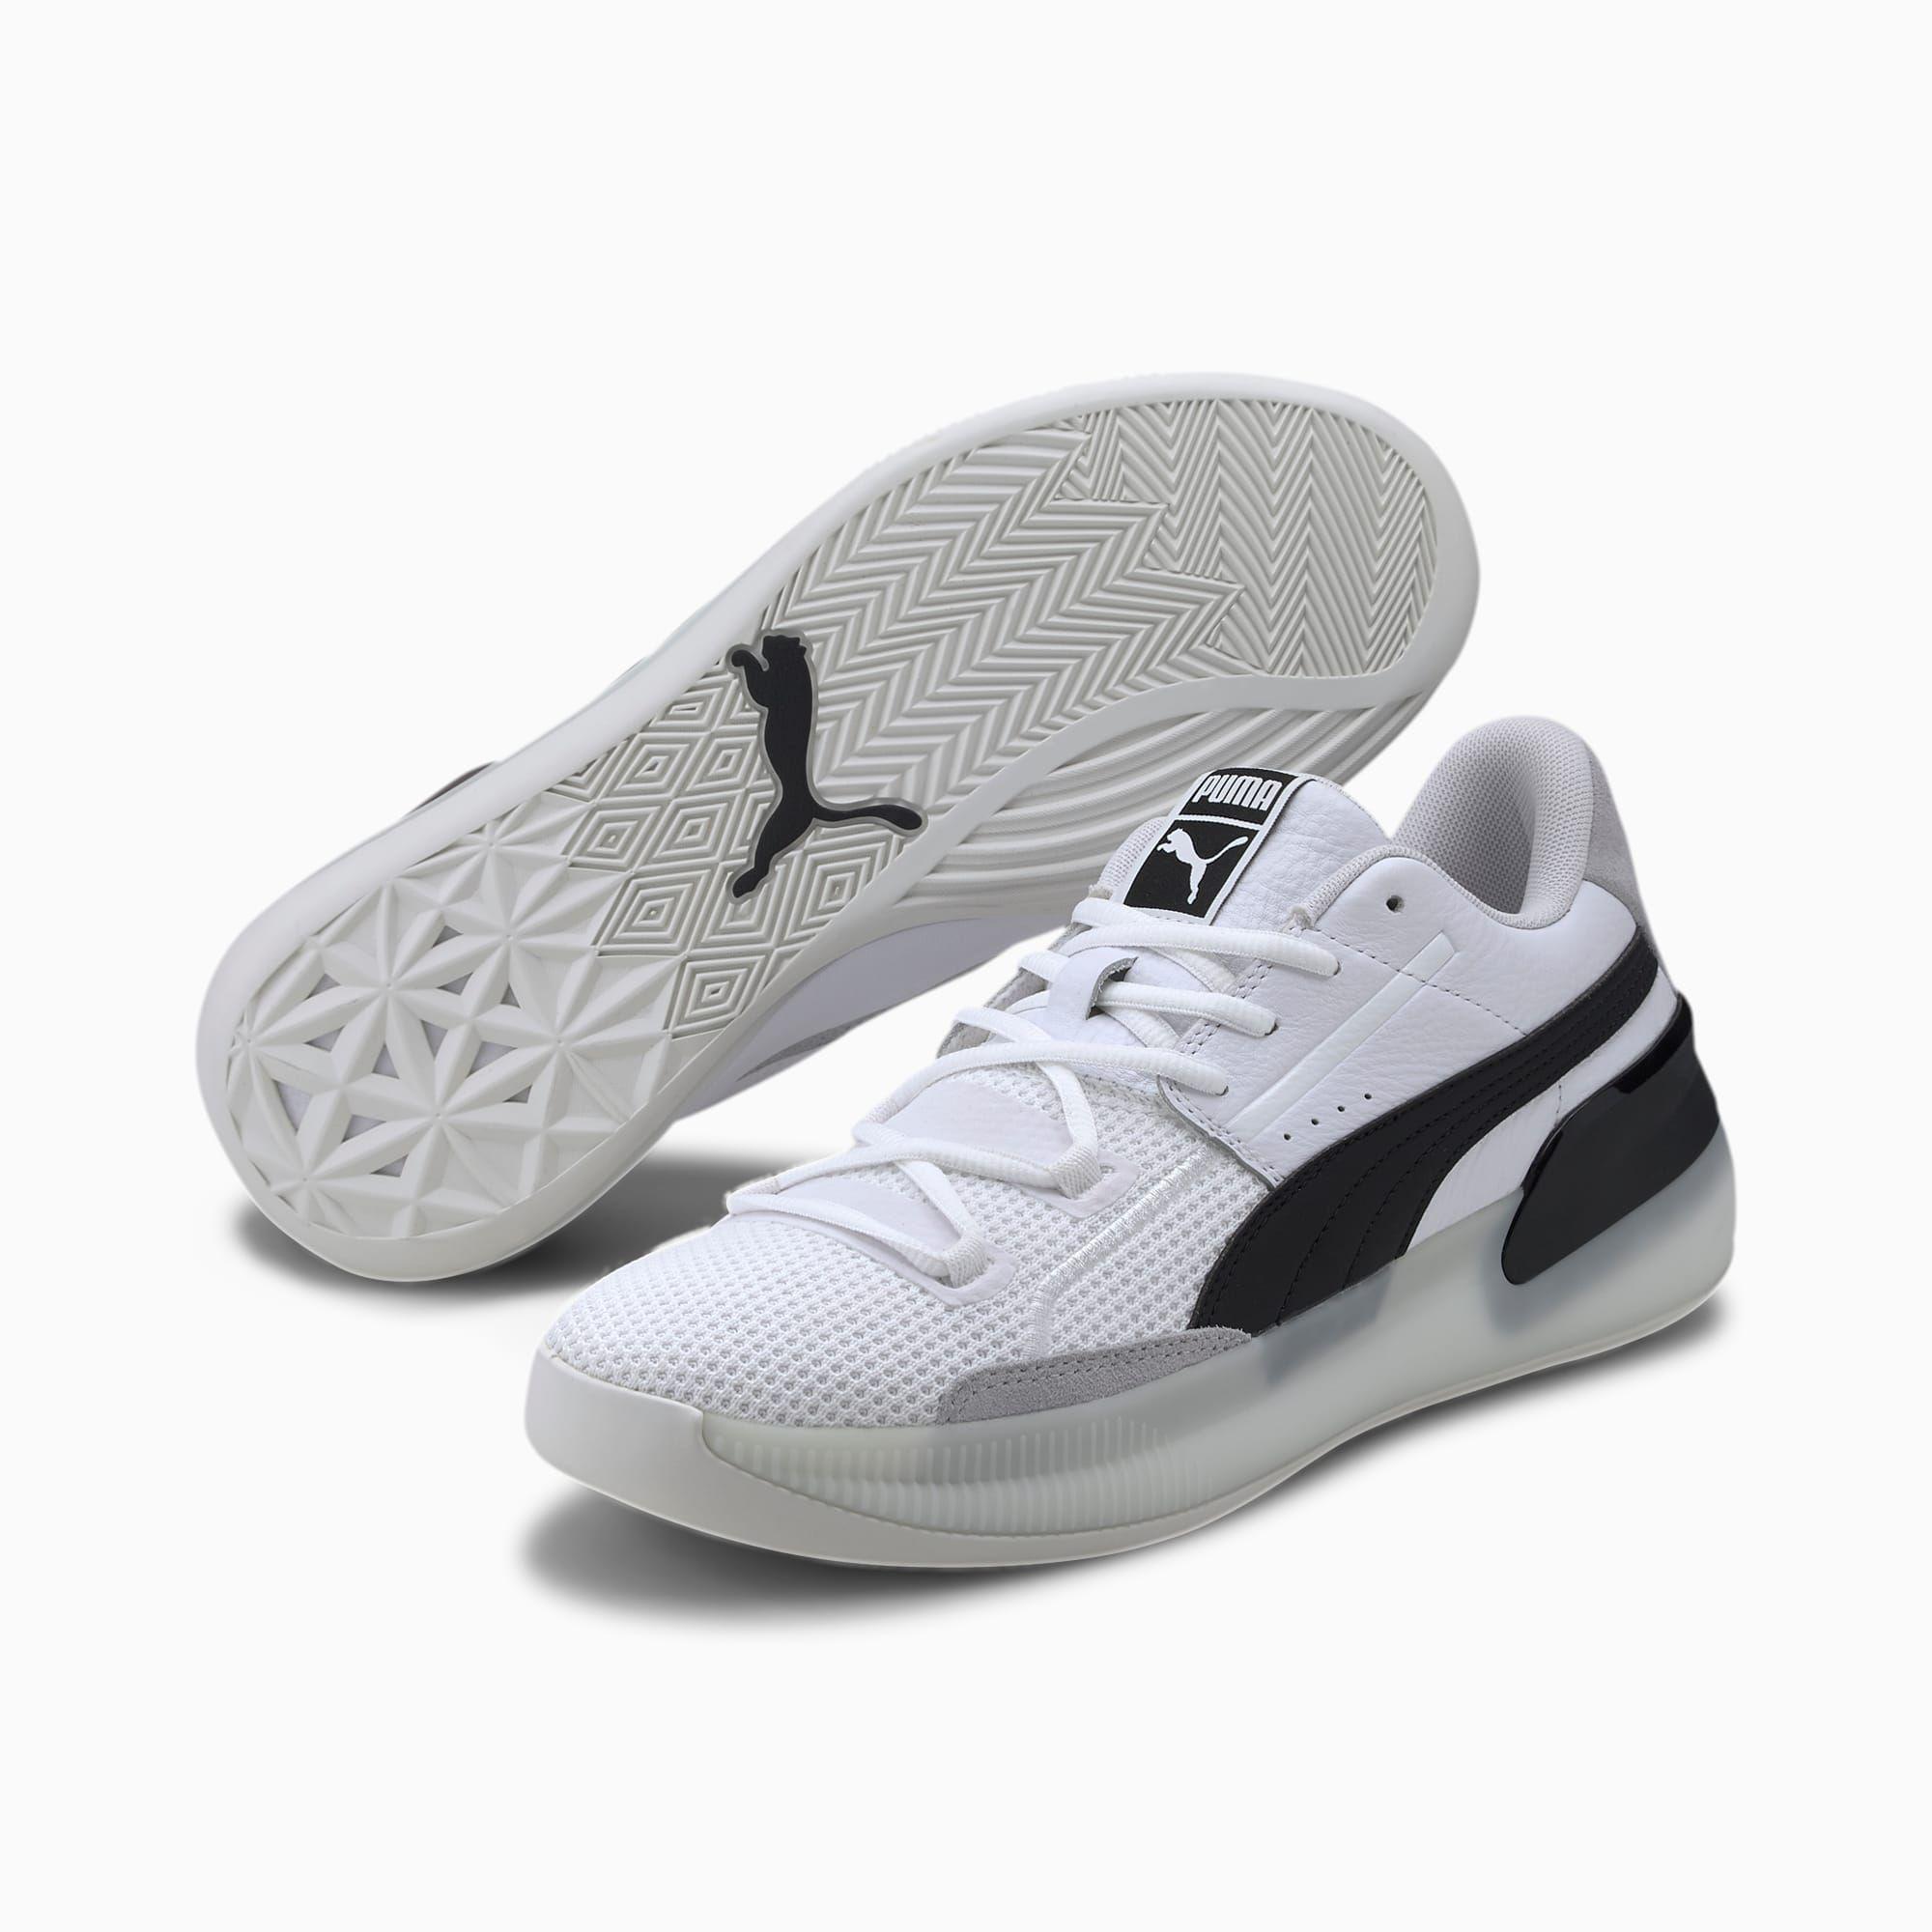 Chaussure de basket Clyde Hardwood | PUMA Clyde Hardwood | PUMA ...